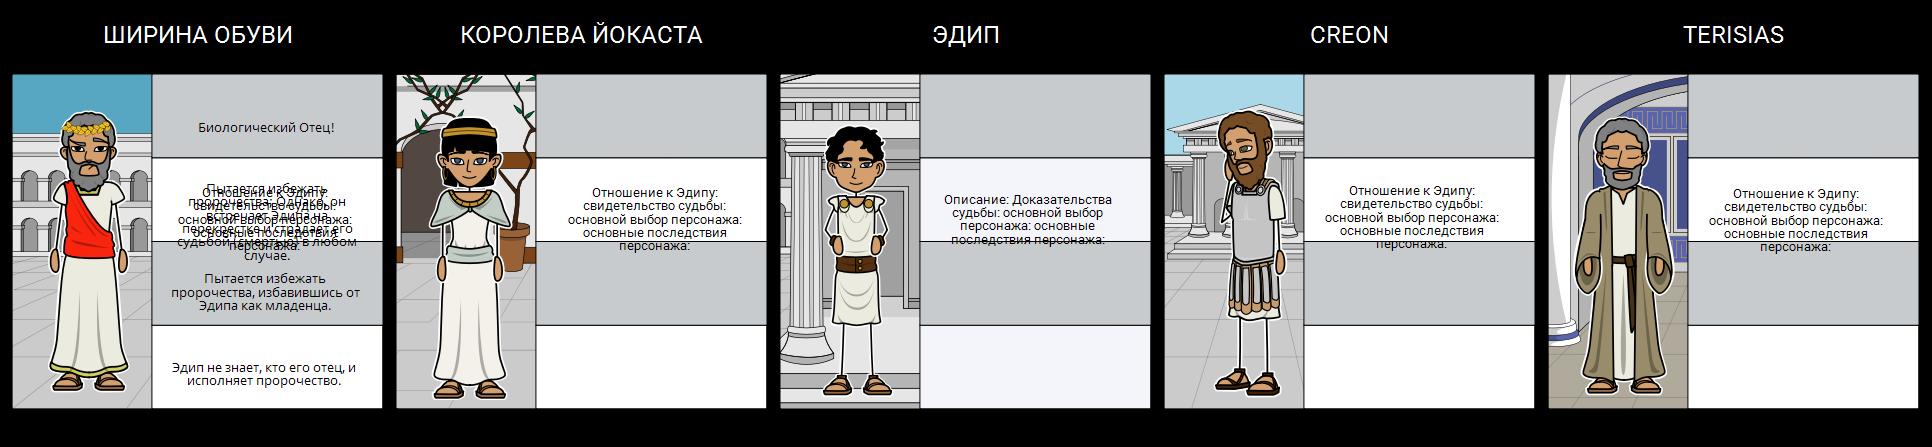 Эдип - Character Map